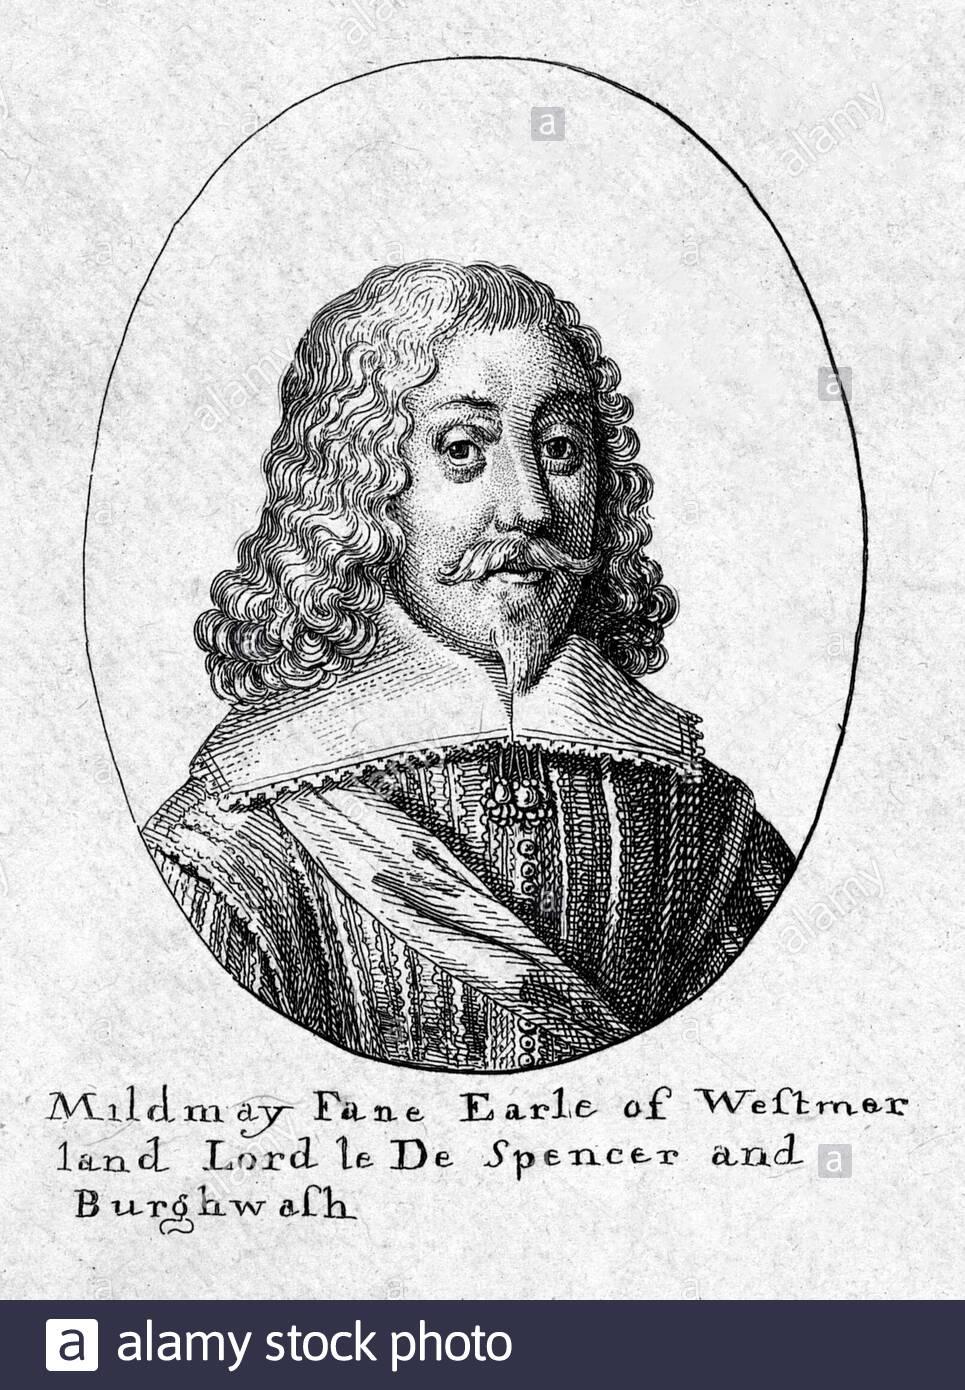 Fane Mildmay, 2e comte de Westmorland, 1602 - 1666, portant le titre de seigneur le Despenser entre 1624 et 1628, était un noble anglais, homme politique, et écrivain, gravure par Wenceslaus Hollar aquafortiste bohème à partir de 1600 Banque D'Images